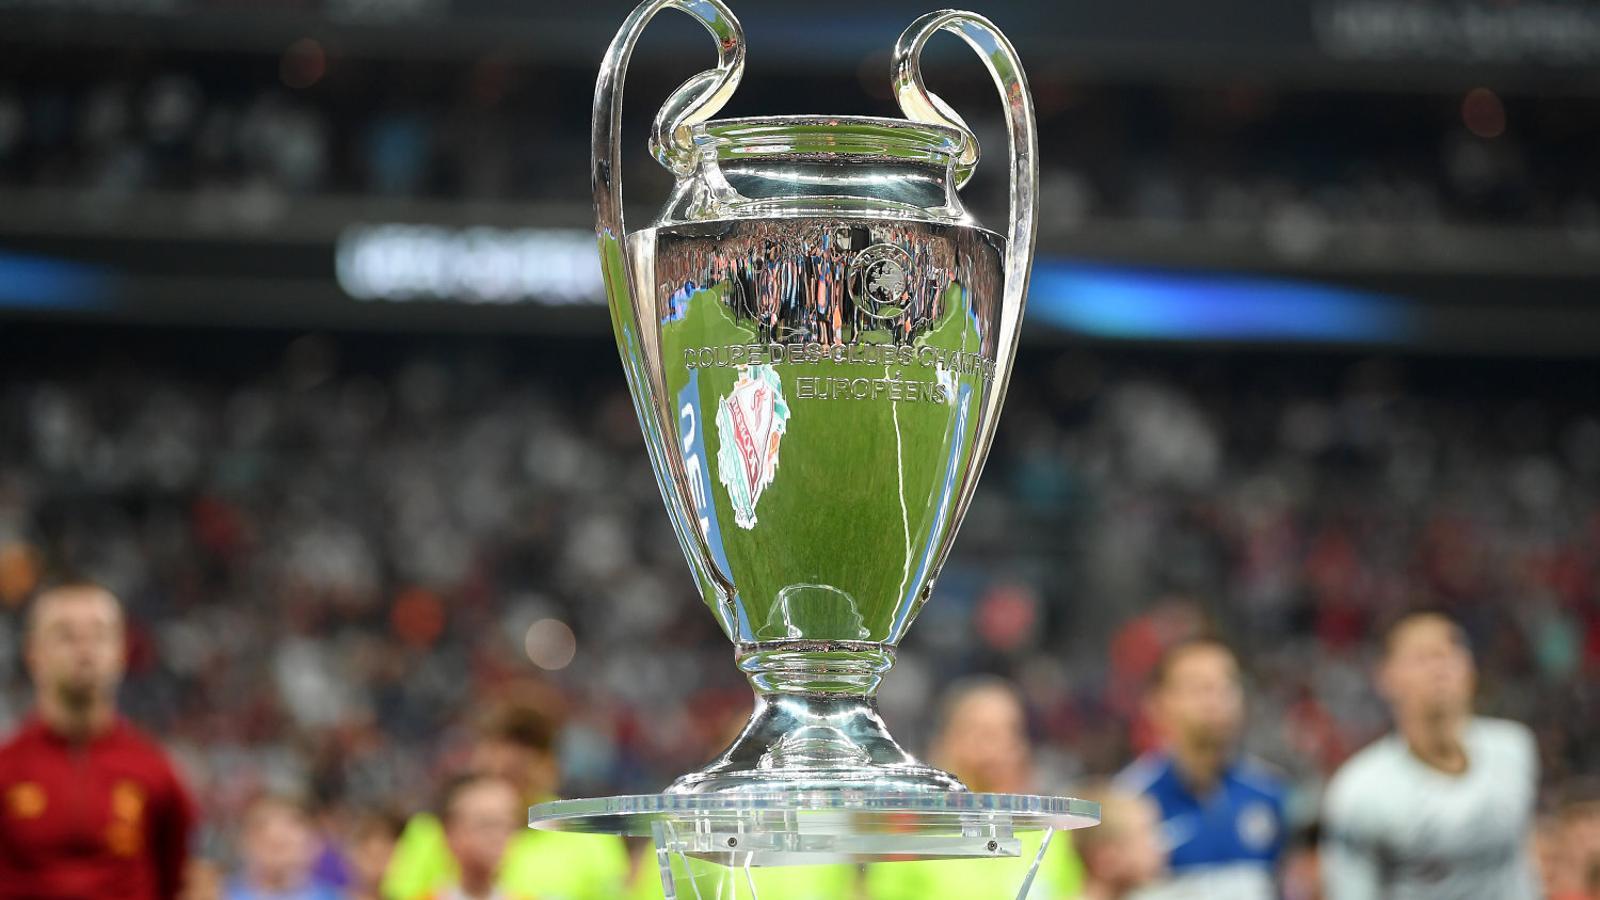 El trofeu de la Lliga de Campions exhibit abans de la Supercopa d'Europa entre el Liverpool i el Chelsea.